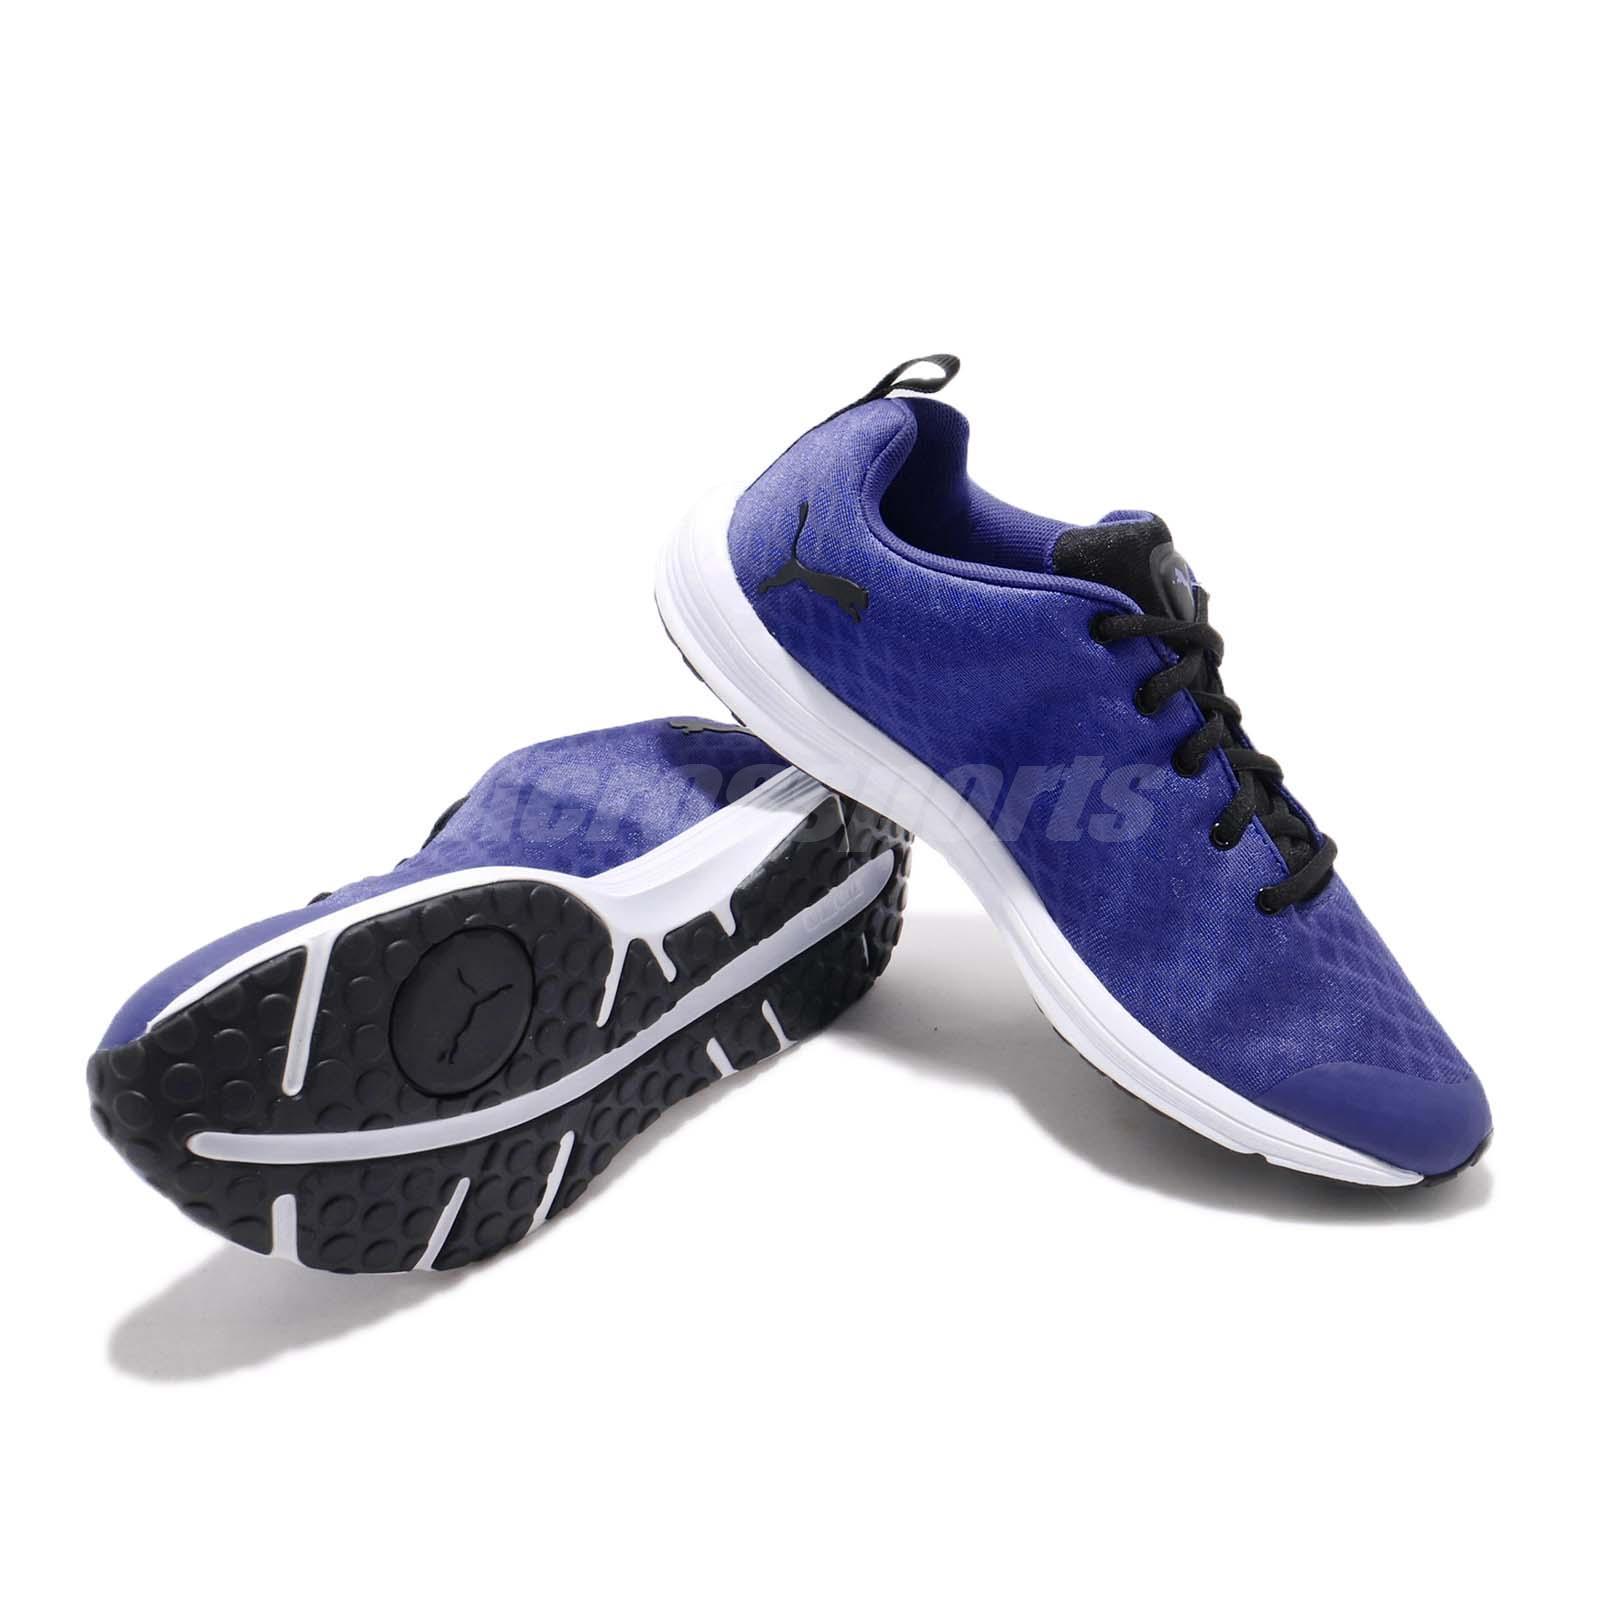 Puma Fugitivo Xt V2 Ft Wins Azul Royal Preto Branco feminino tênis ... 9710ece483045